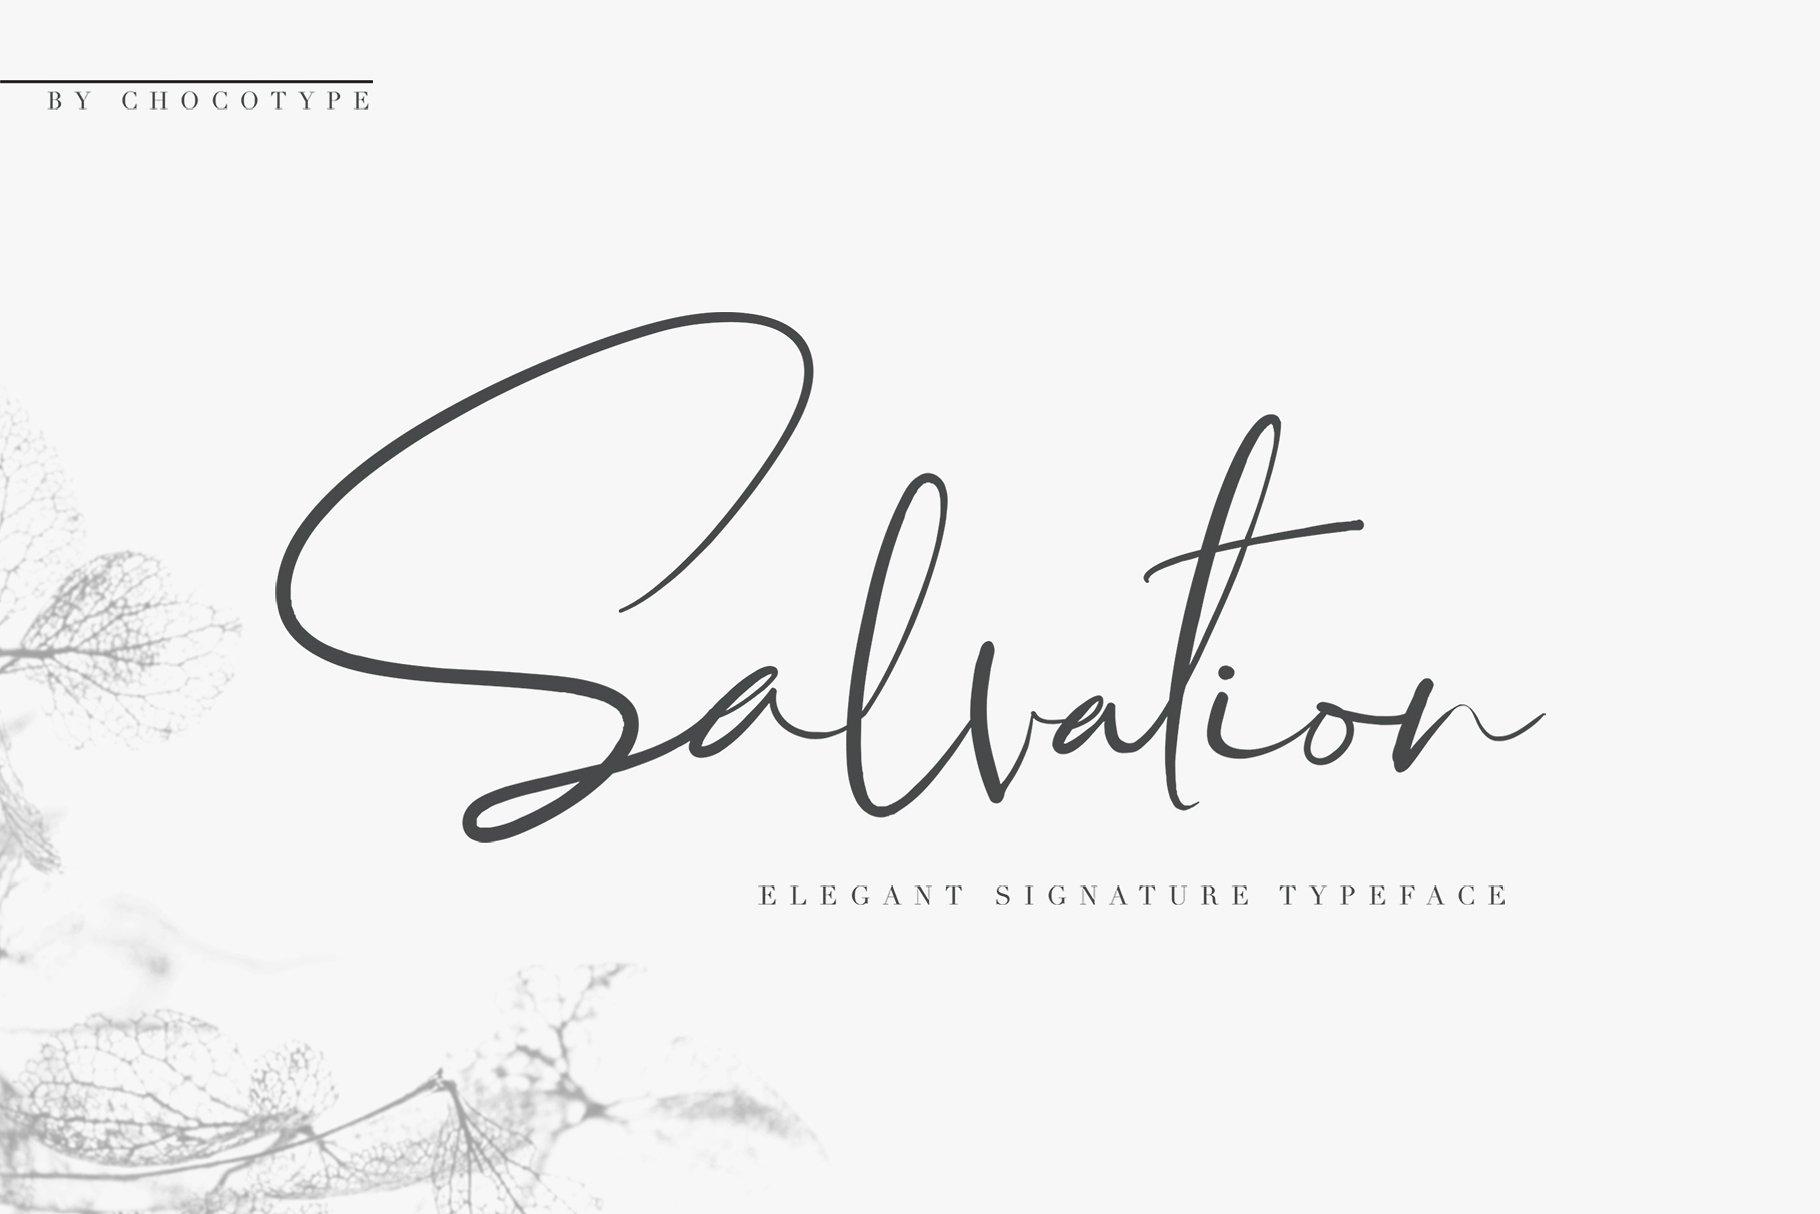 Salvation艺术签名手写个性连笔英文字体下载